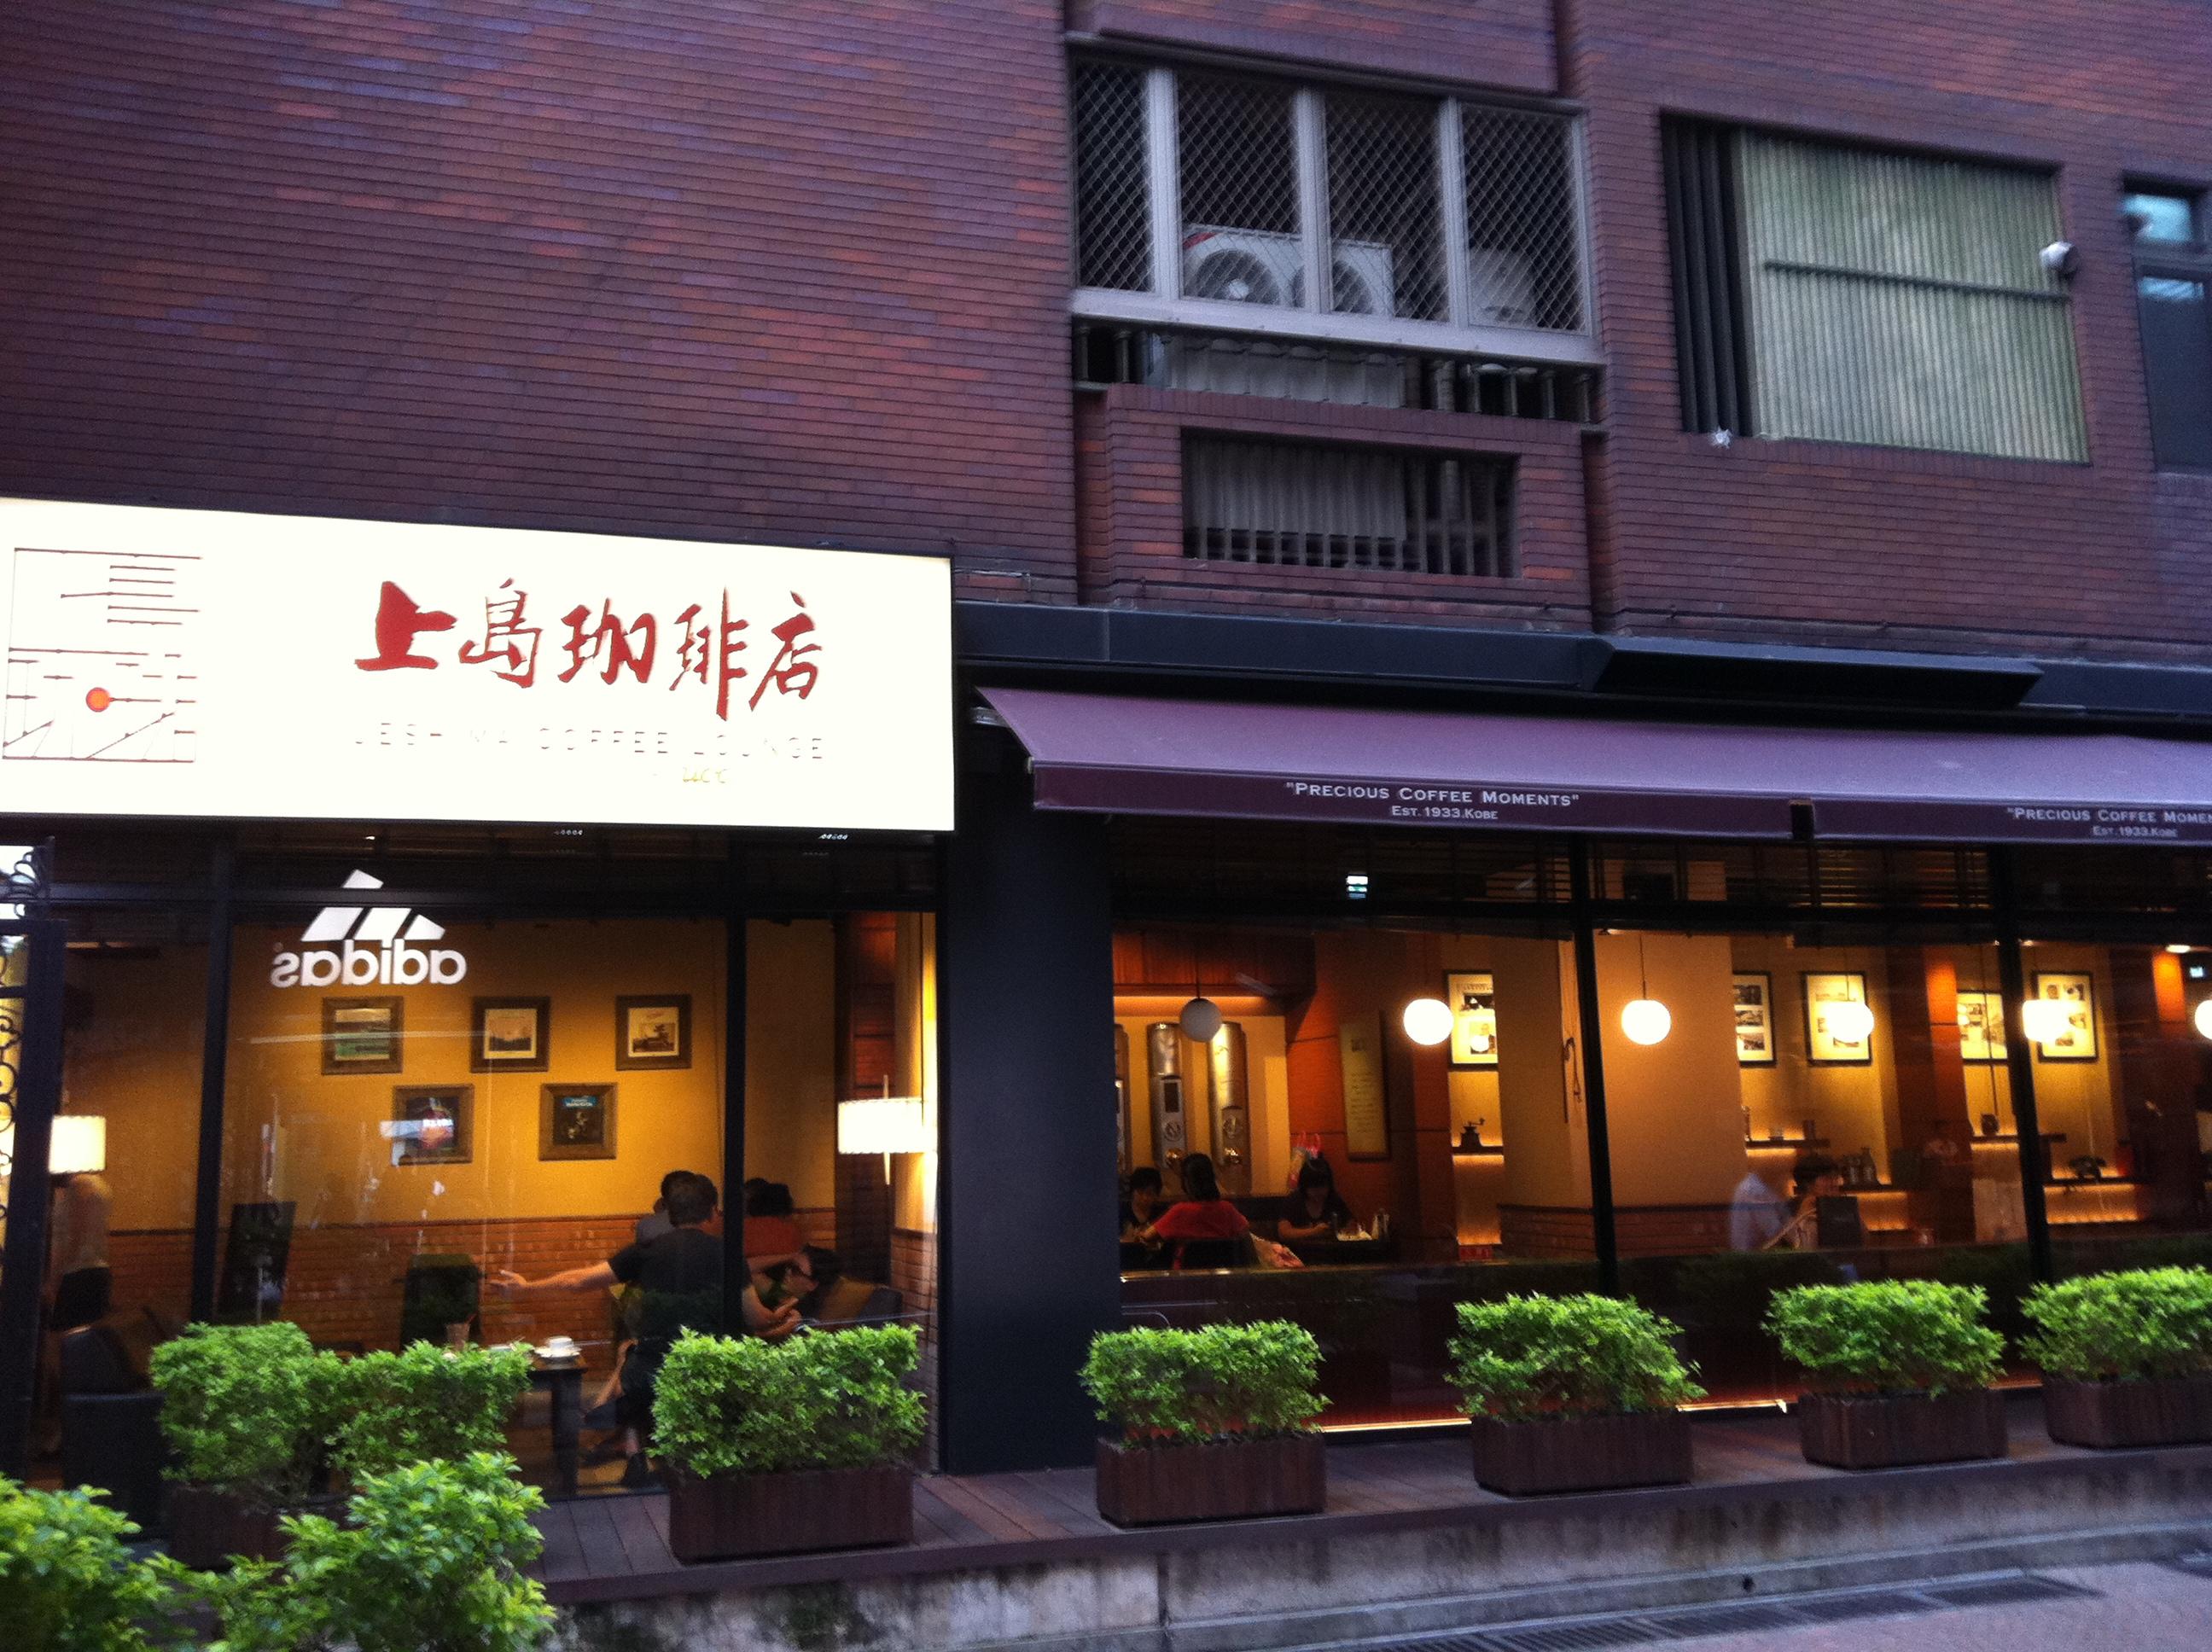 上島咖啡店 UESHIMA COFFEE LOUNGE 2011/06/13 | Flashmoment…